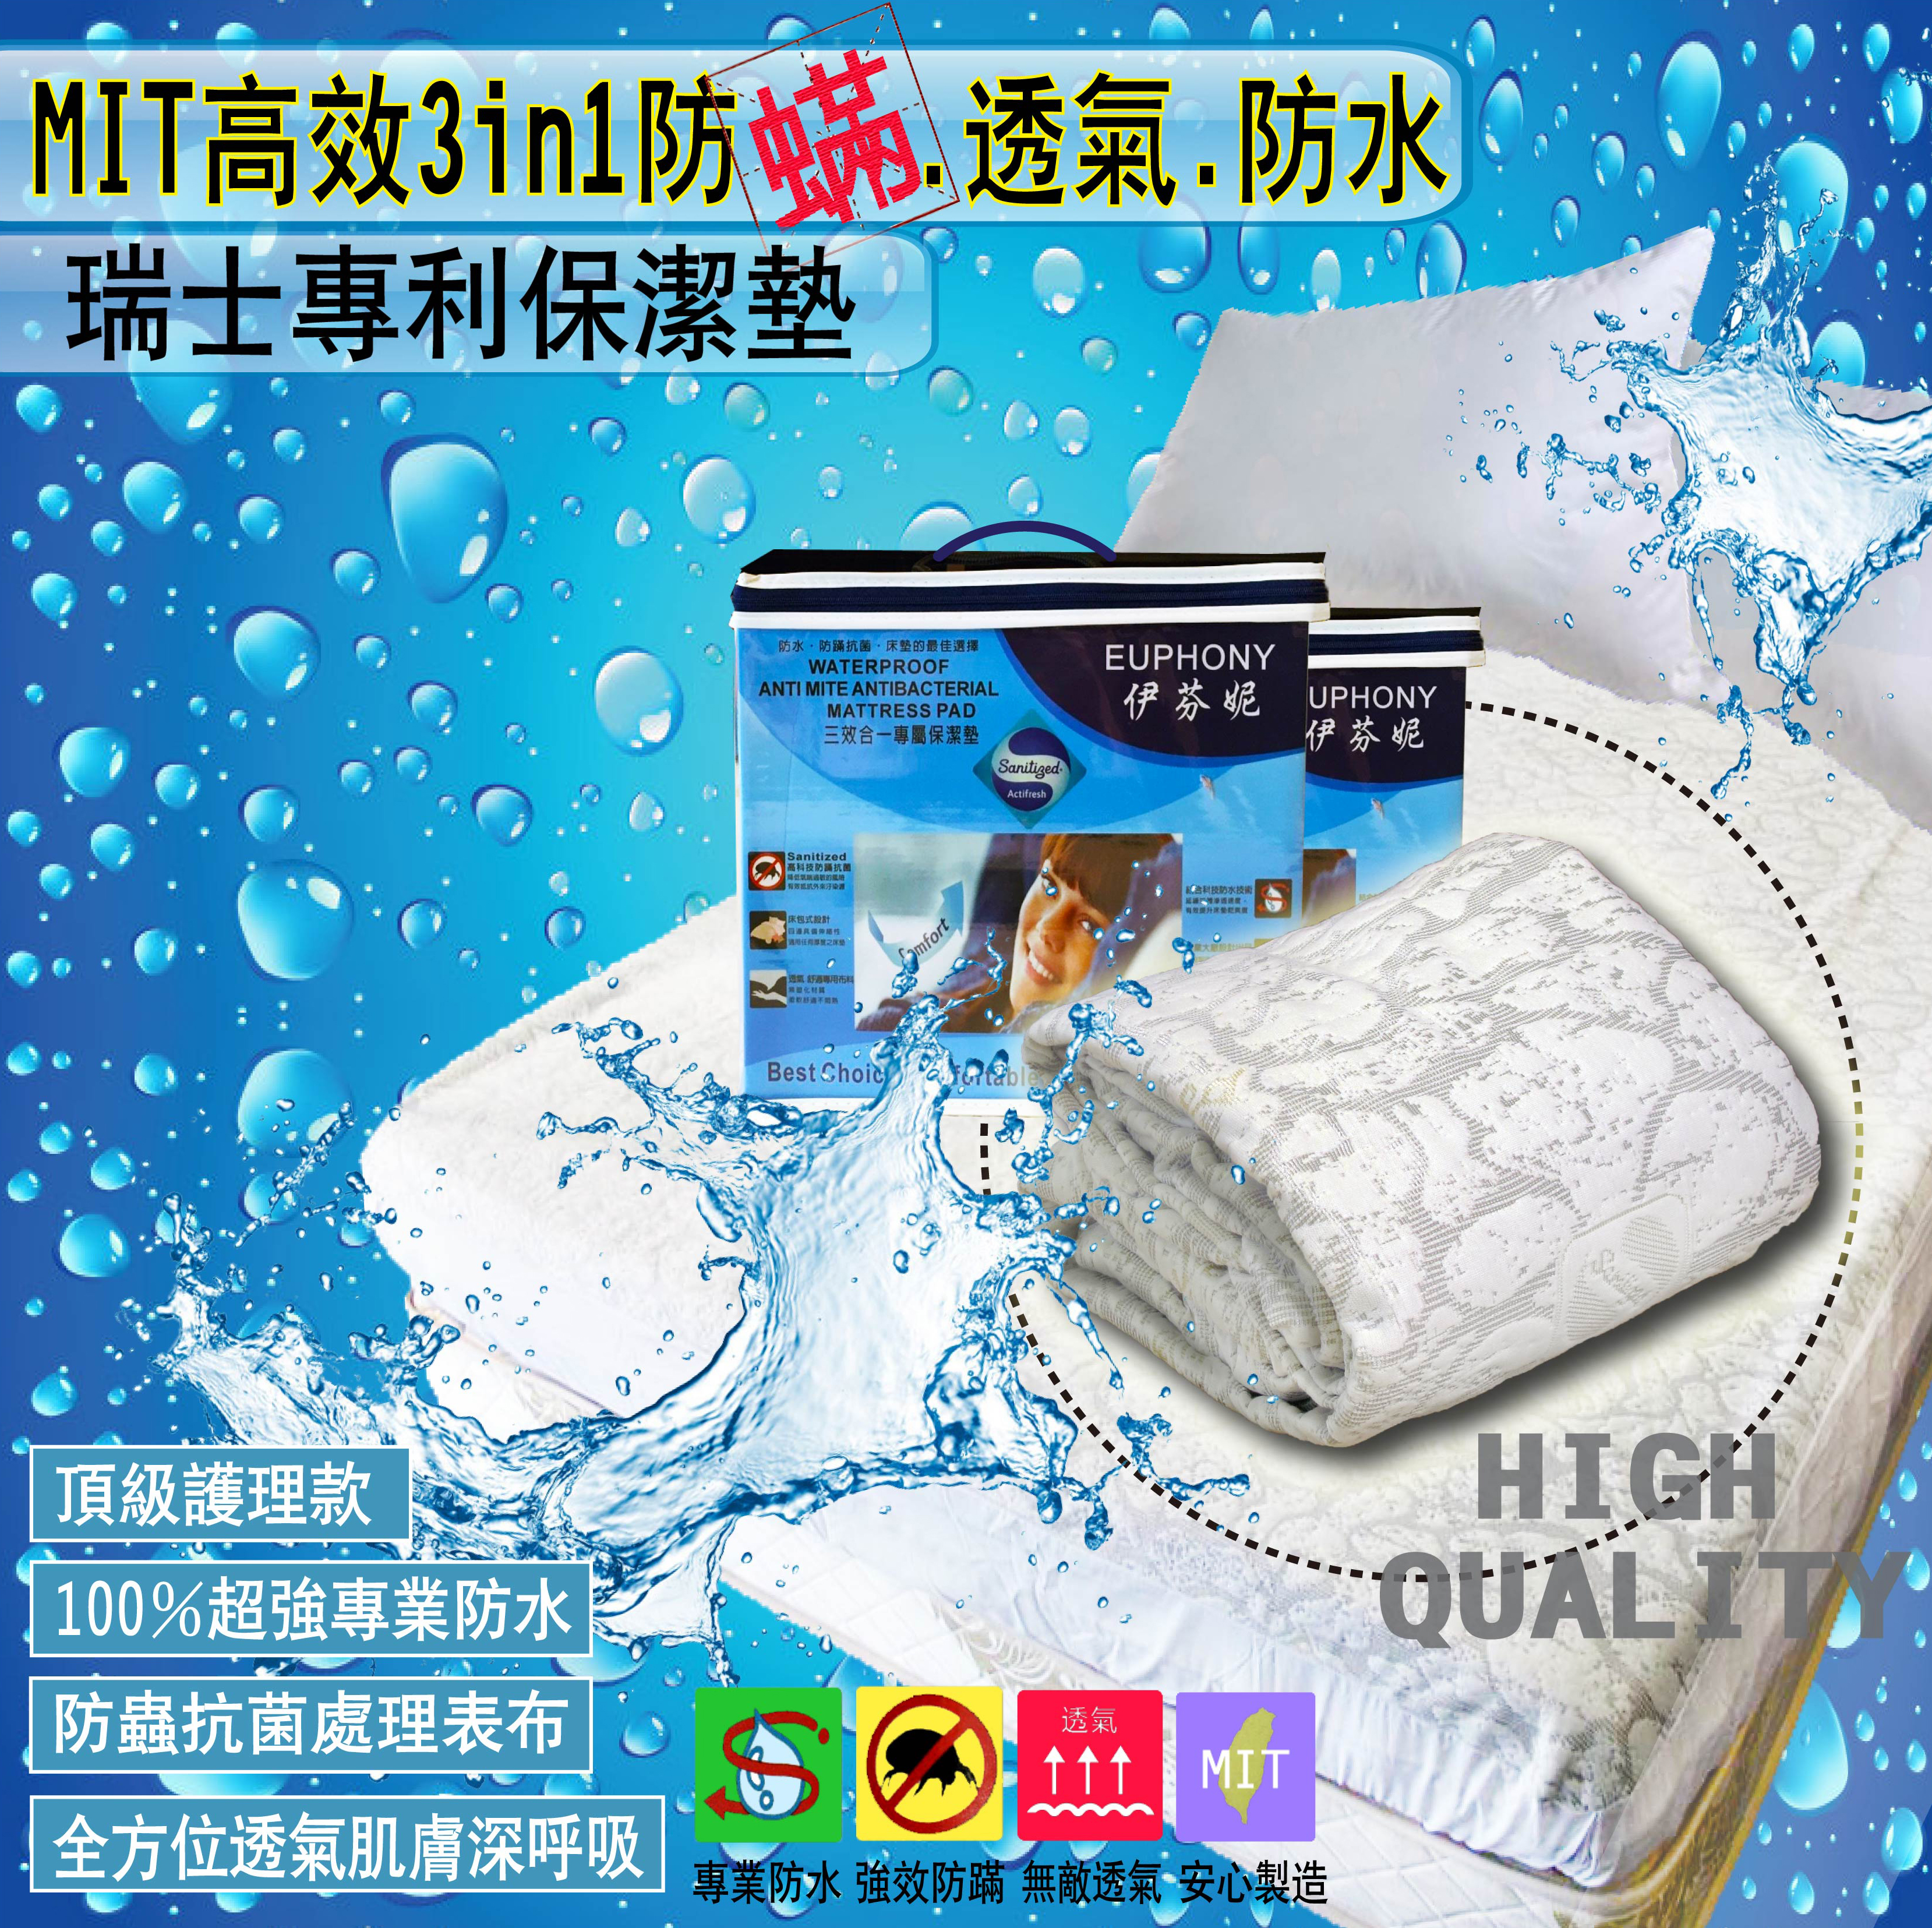 MIT高效3in1瑞士專利抗螨防水透氣保潔墊(6尺)